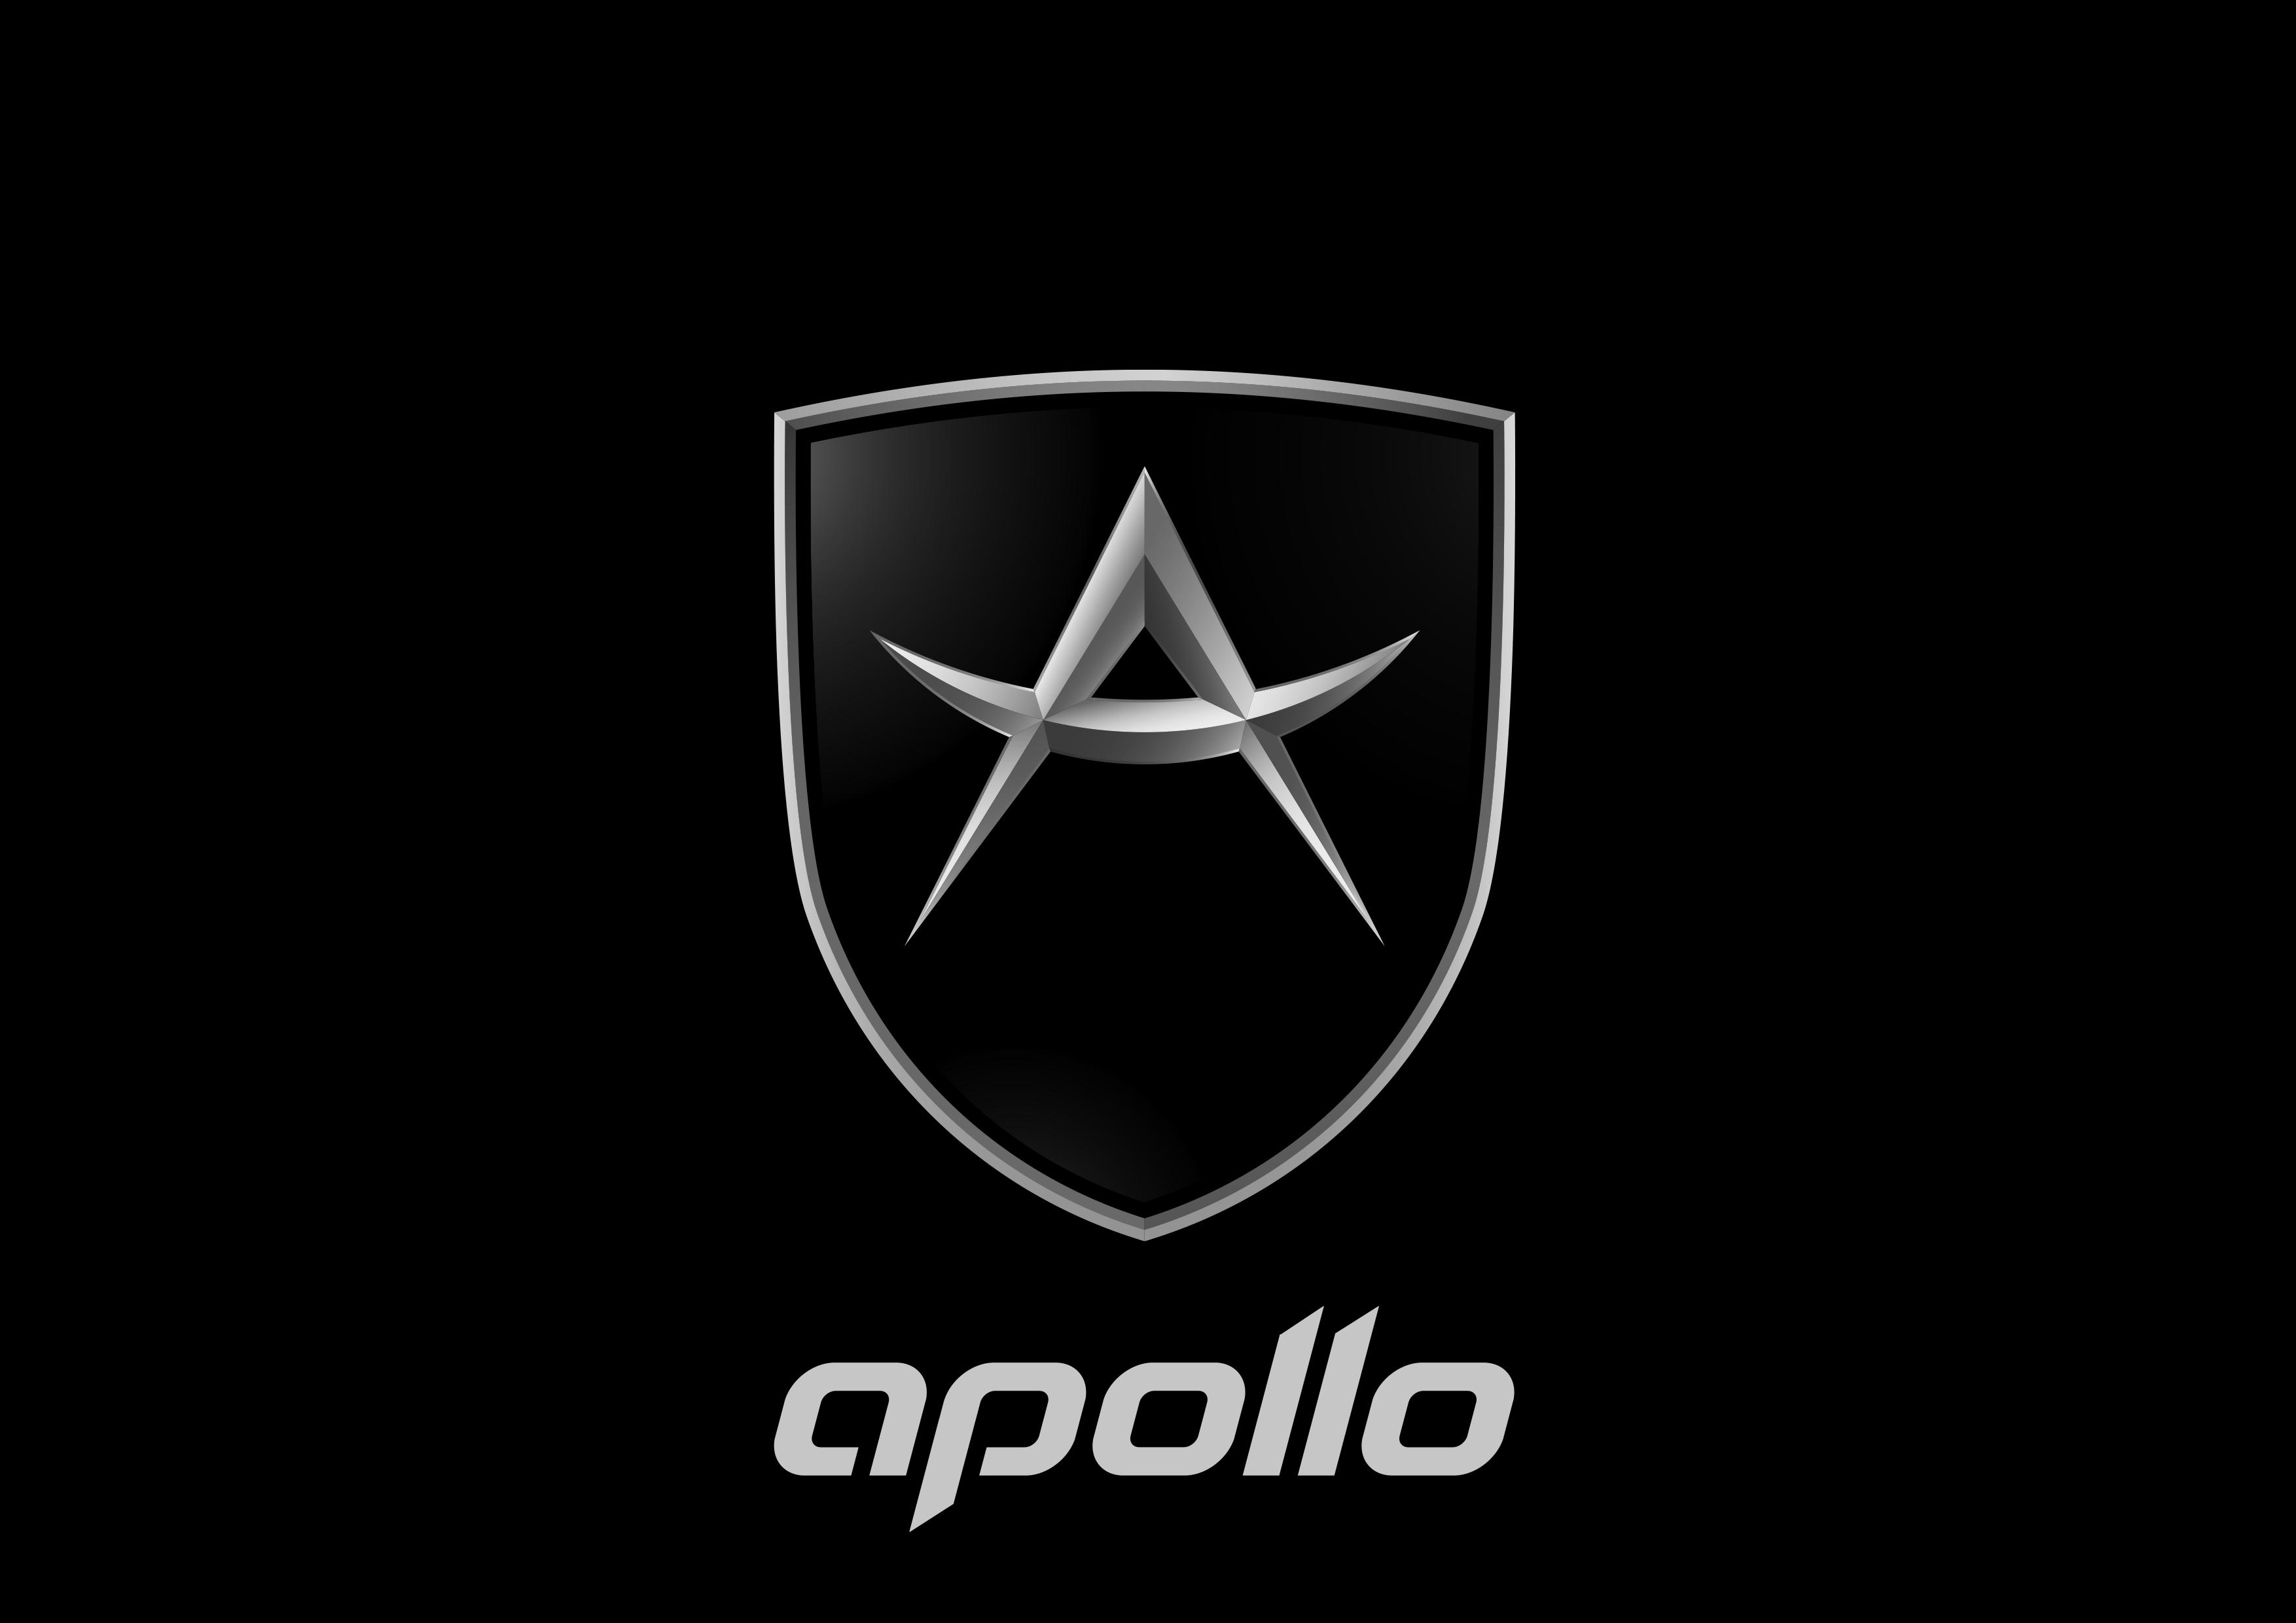 Apollologos.png (3508×2480) Logos de marcas, Coches, Autos